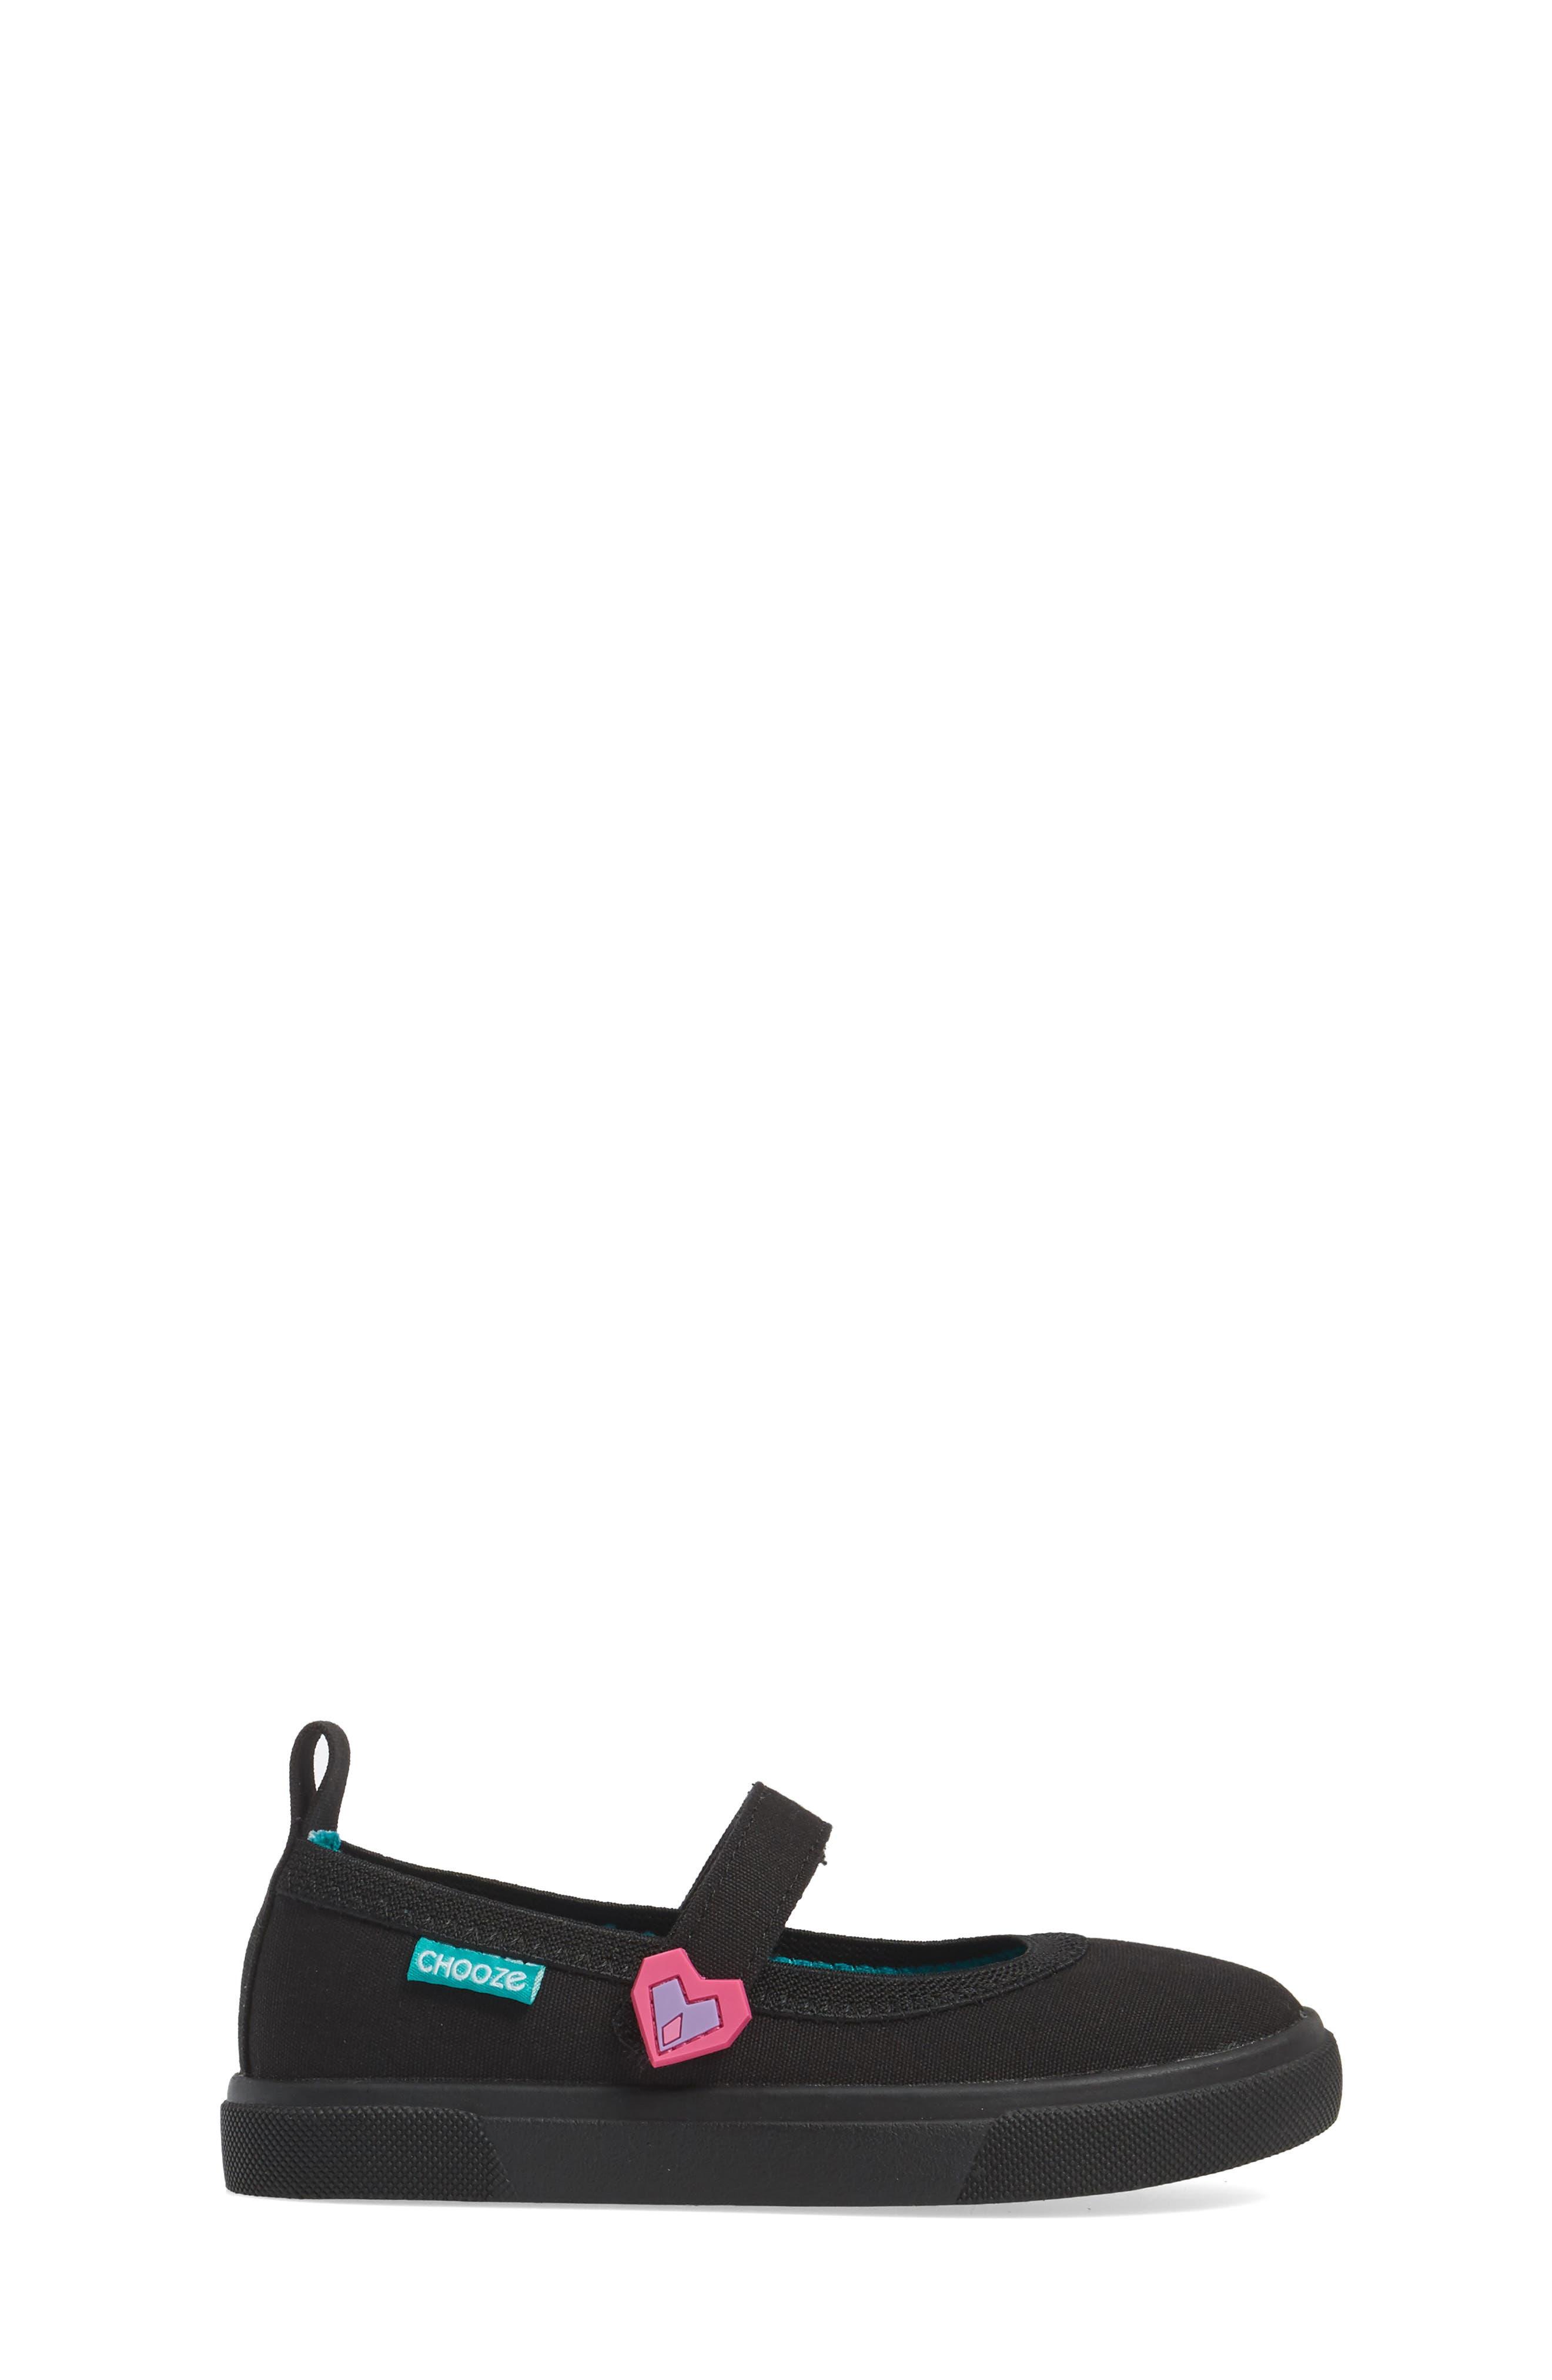 Skip Mary Jane Sneaker,                             Alternate thumbnail 3, color,                             016